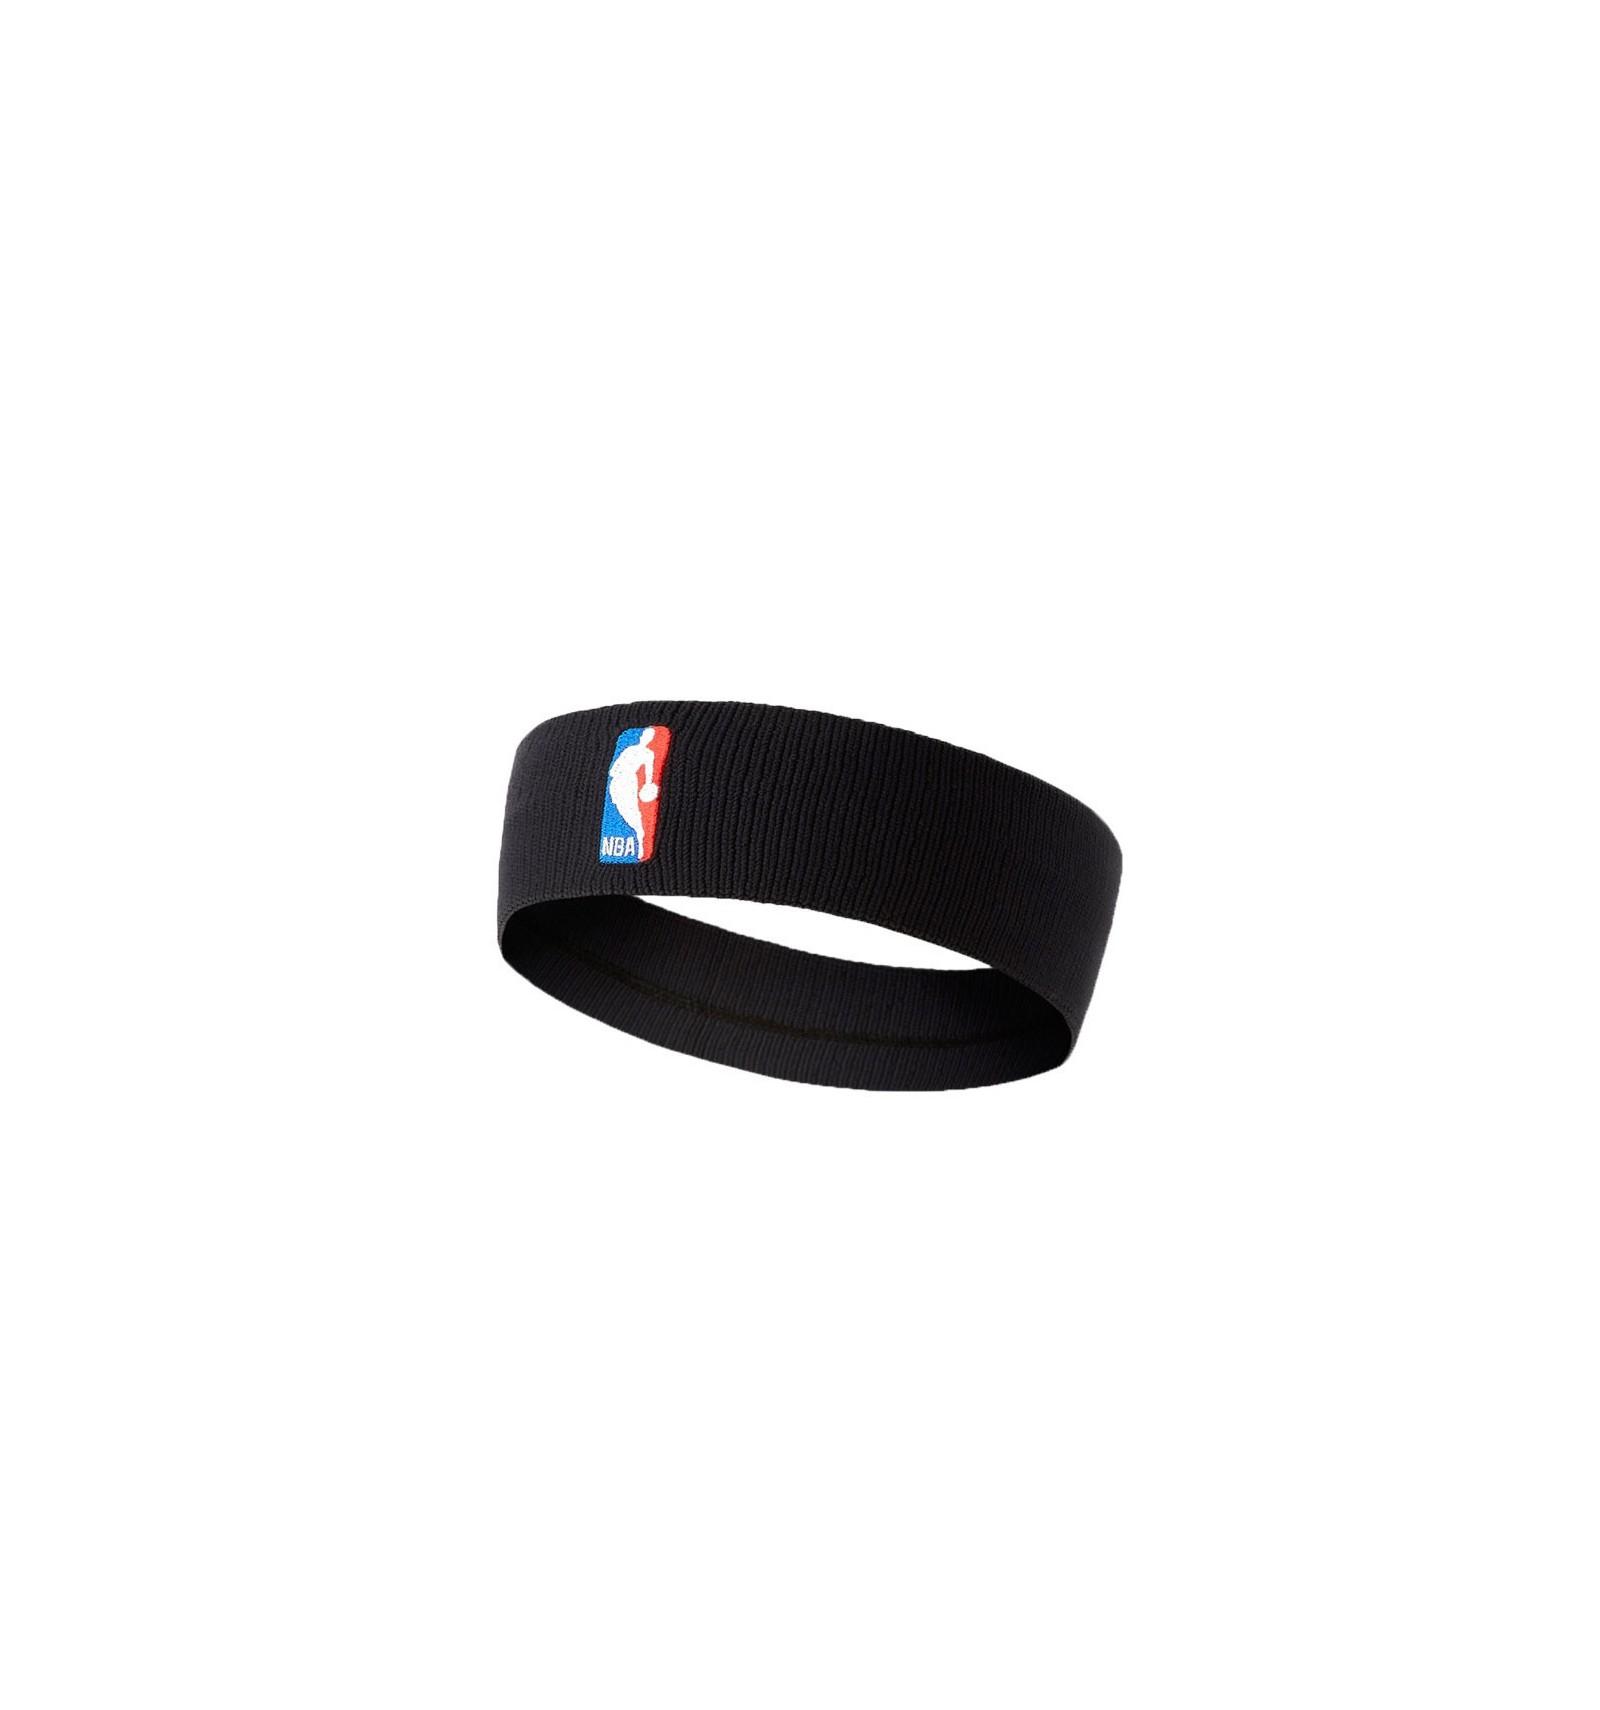 Bandeau Nike NBA noir